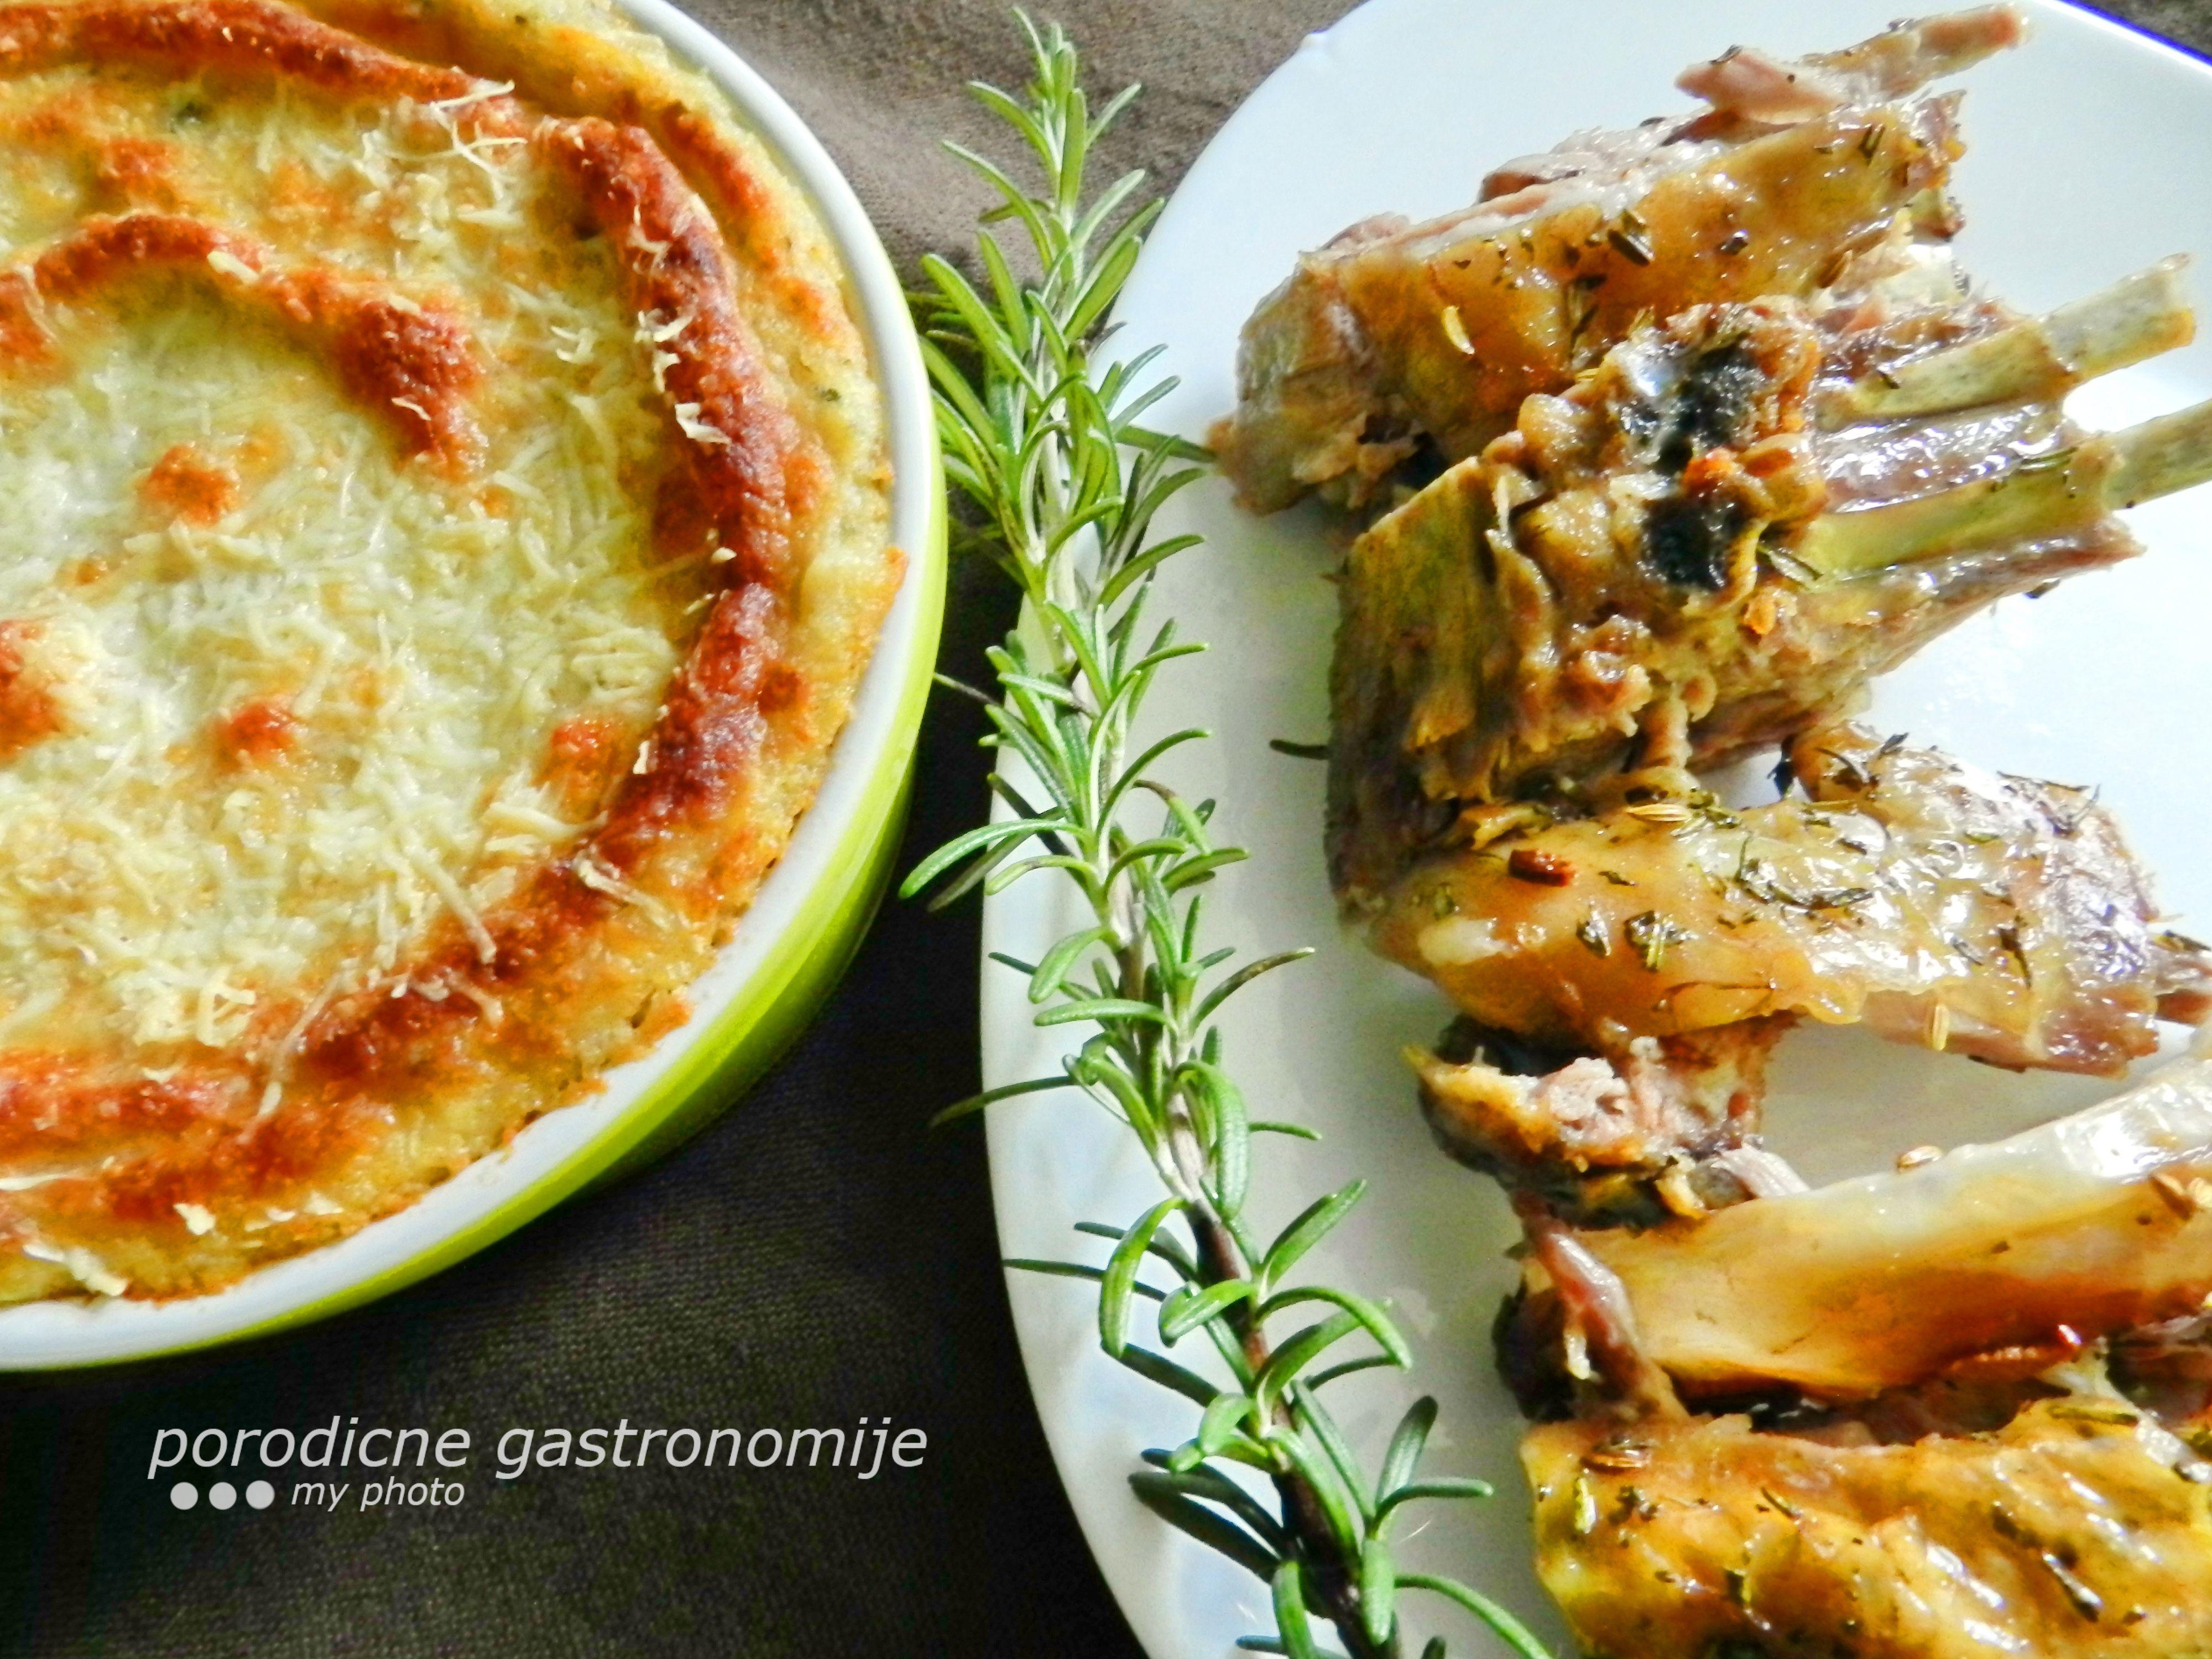 Pin by Aleksandra Stefanovic on Main courses from Porodicne gastronom ...